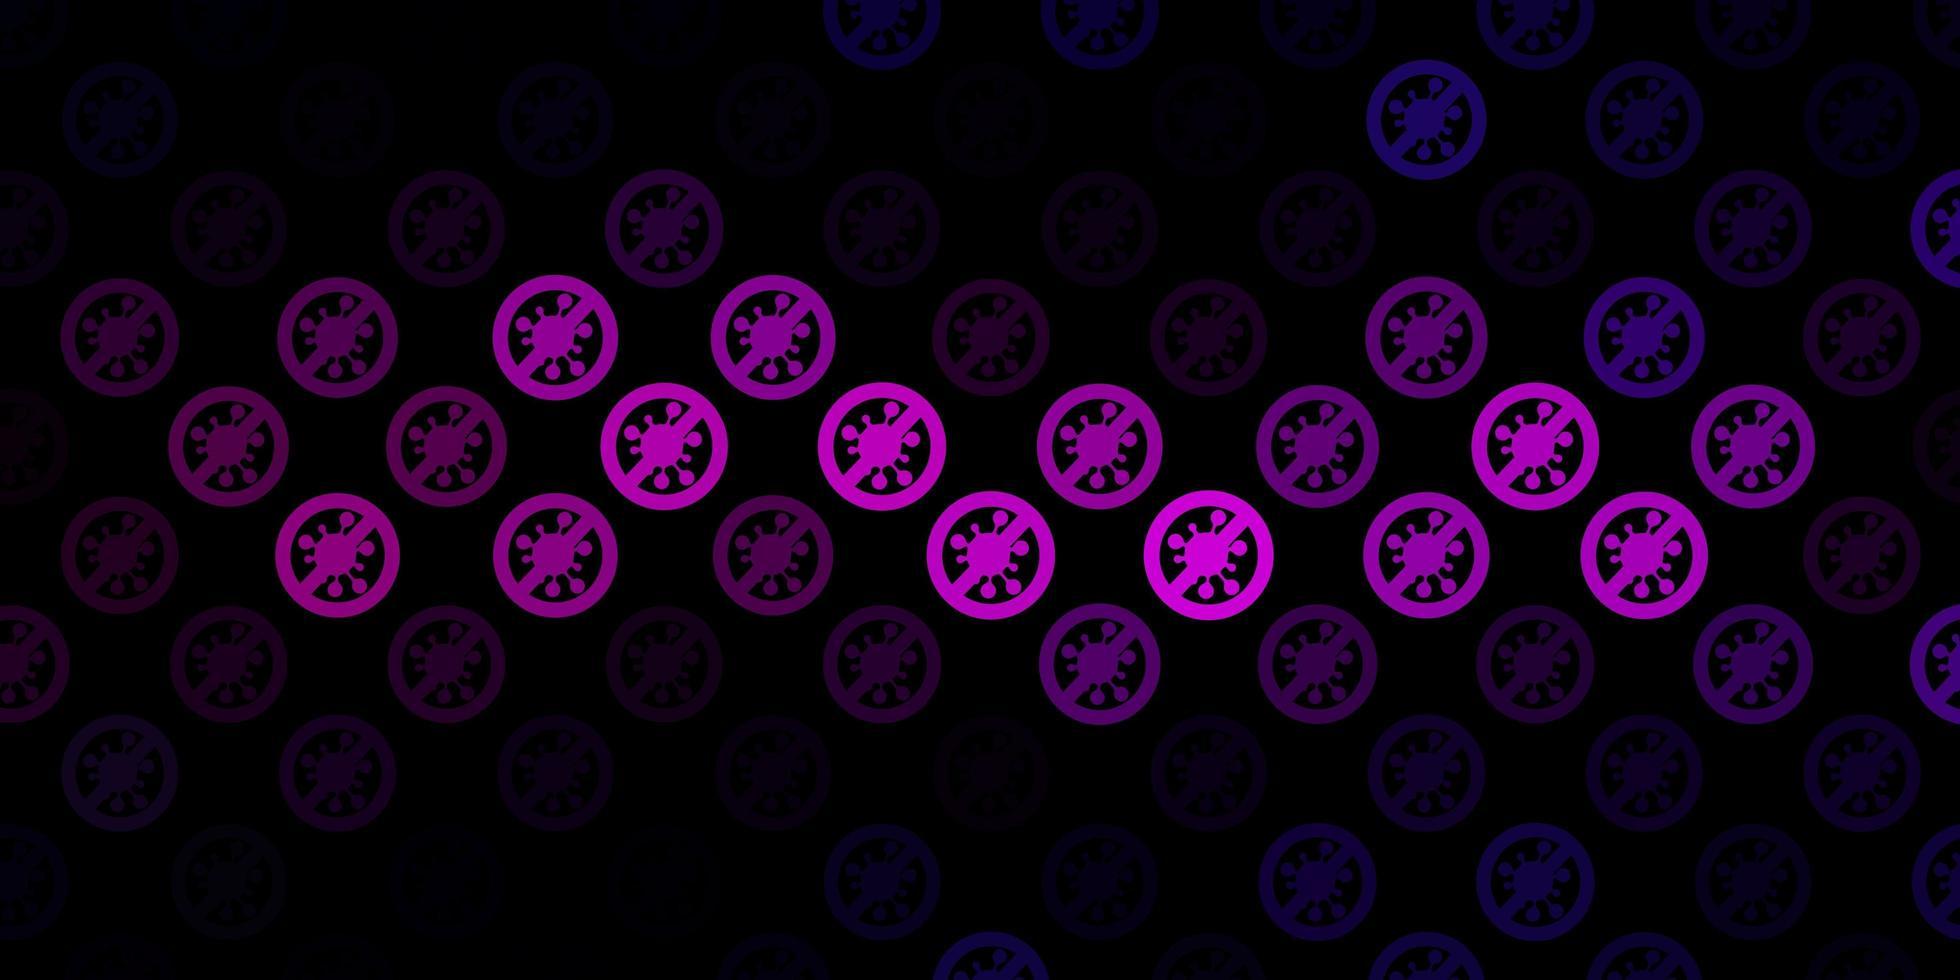 mörkrosa bakgrund med covid-19 symboler. vektor